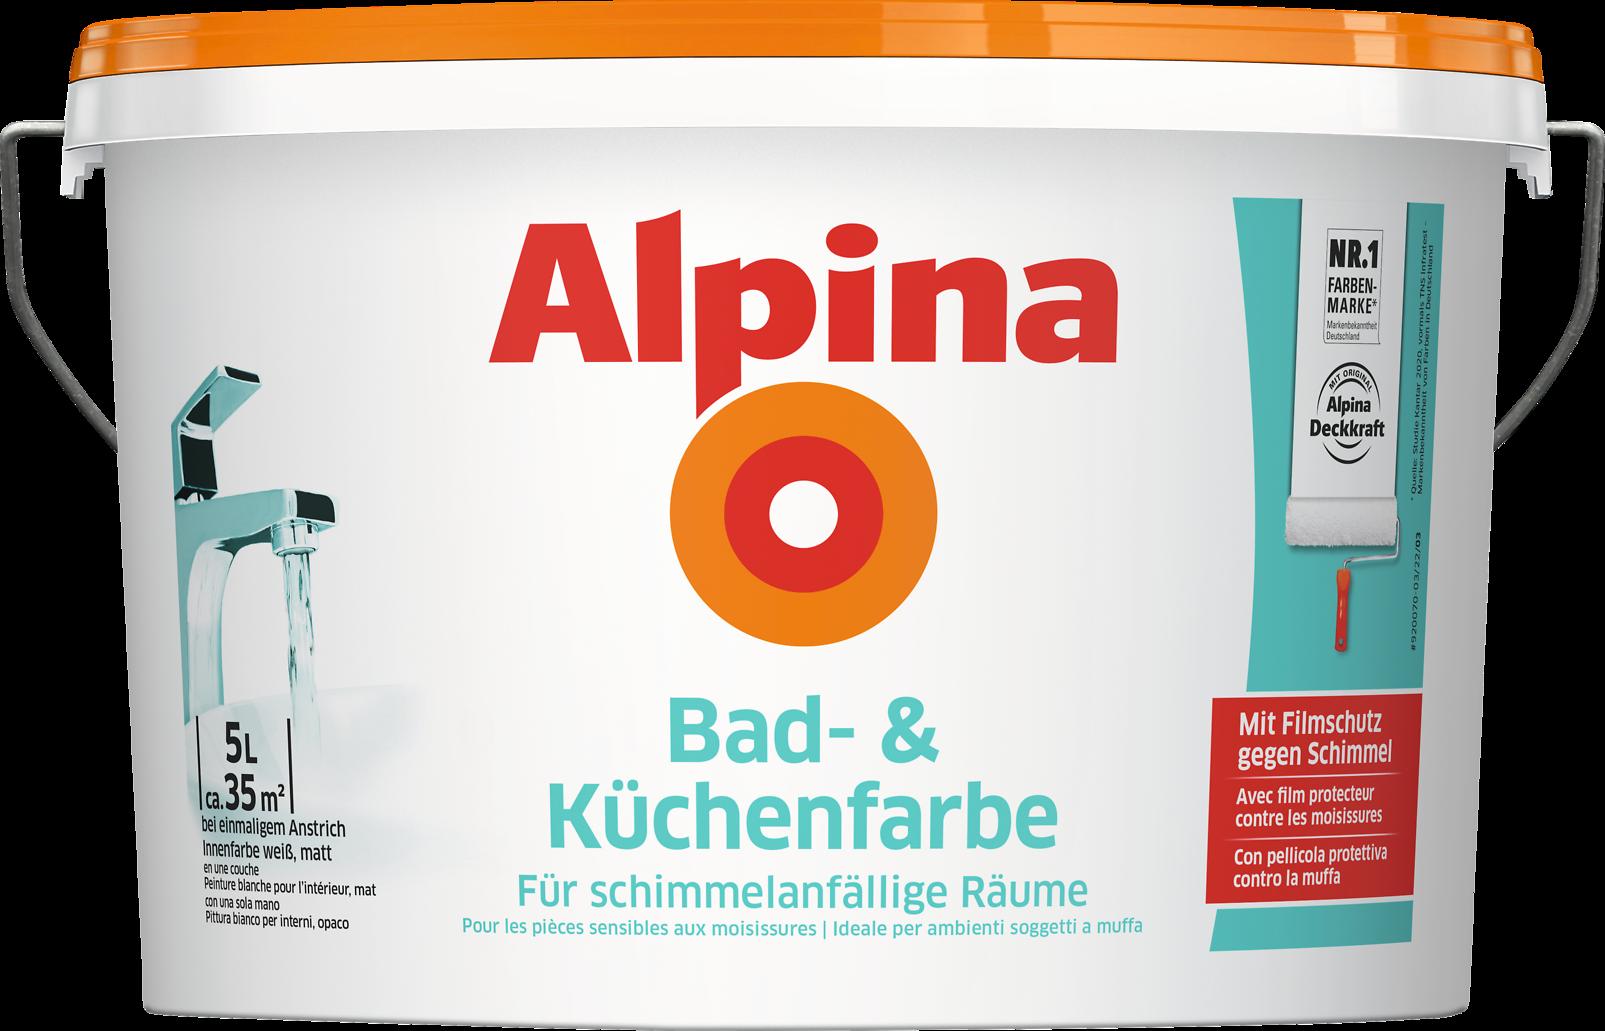 Bad Und Kuchenfarbe Mit Filmschutz Gegen Schimmel Alpina